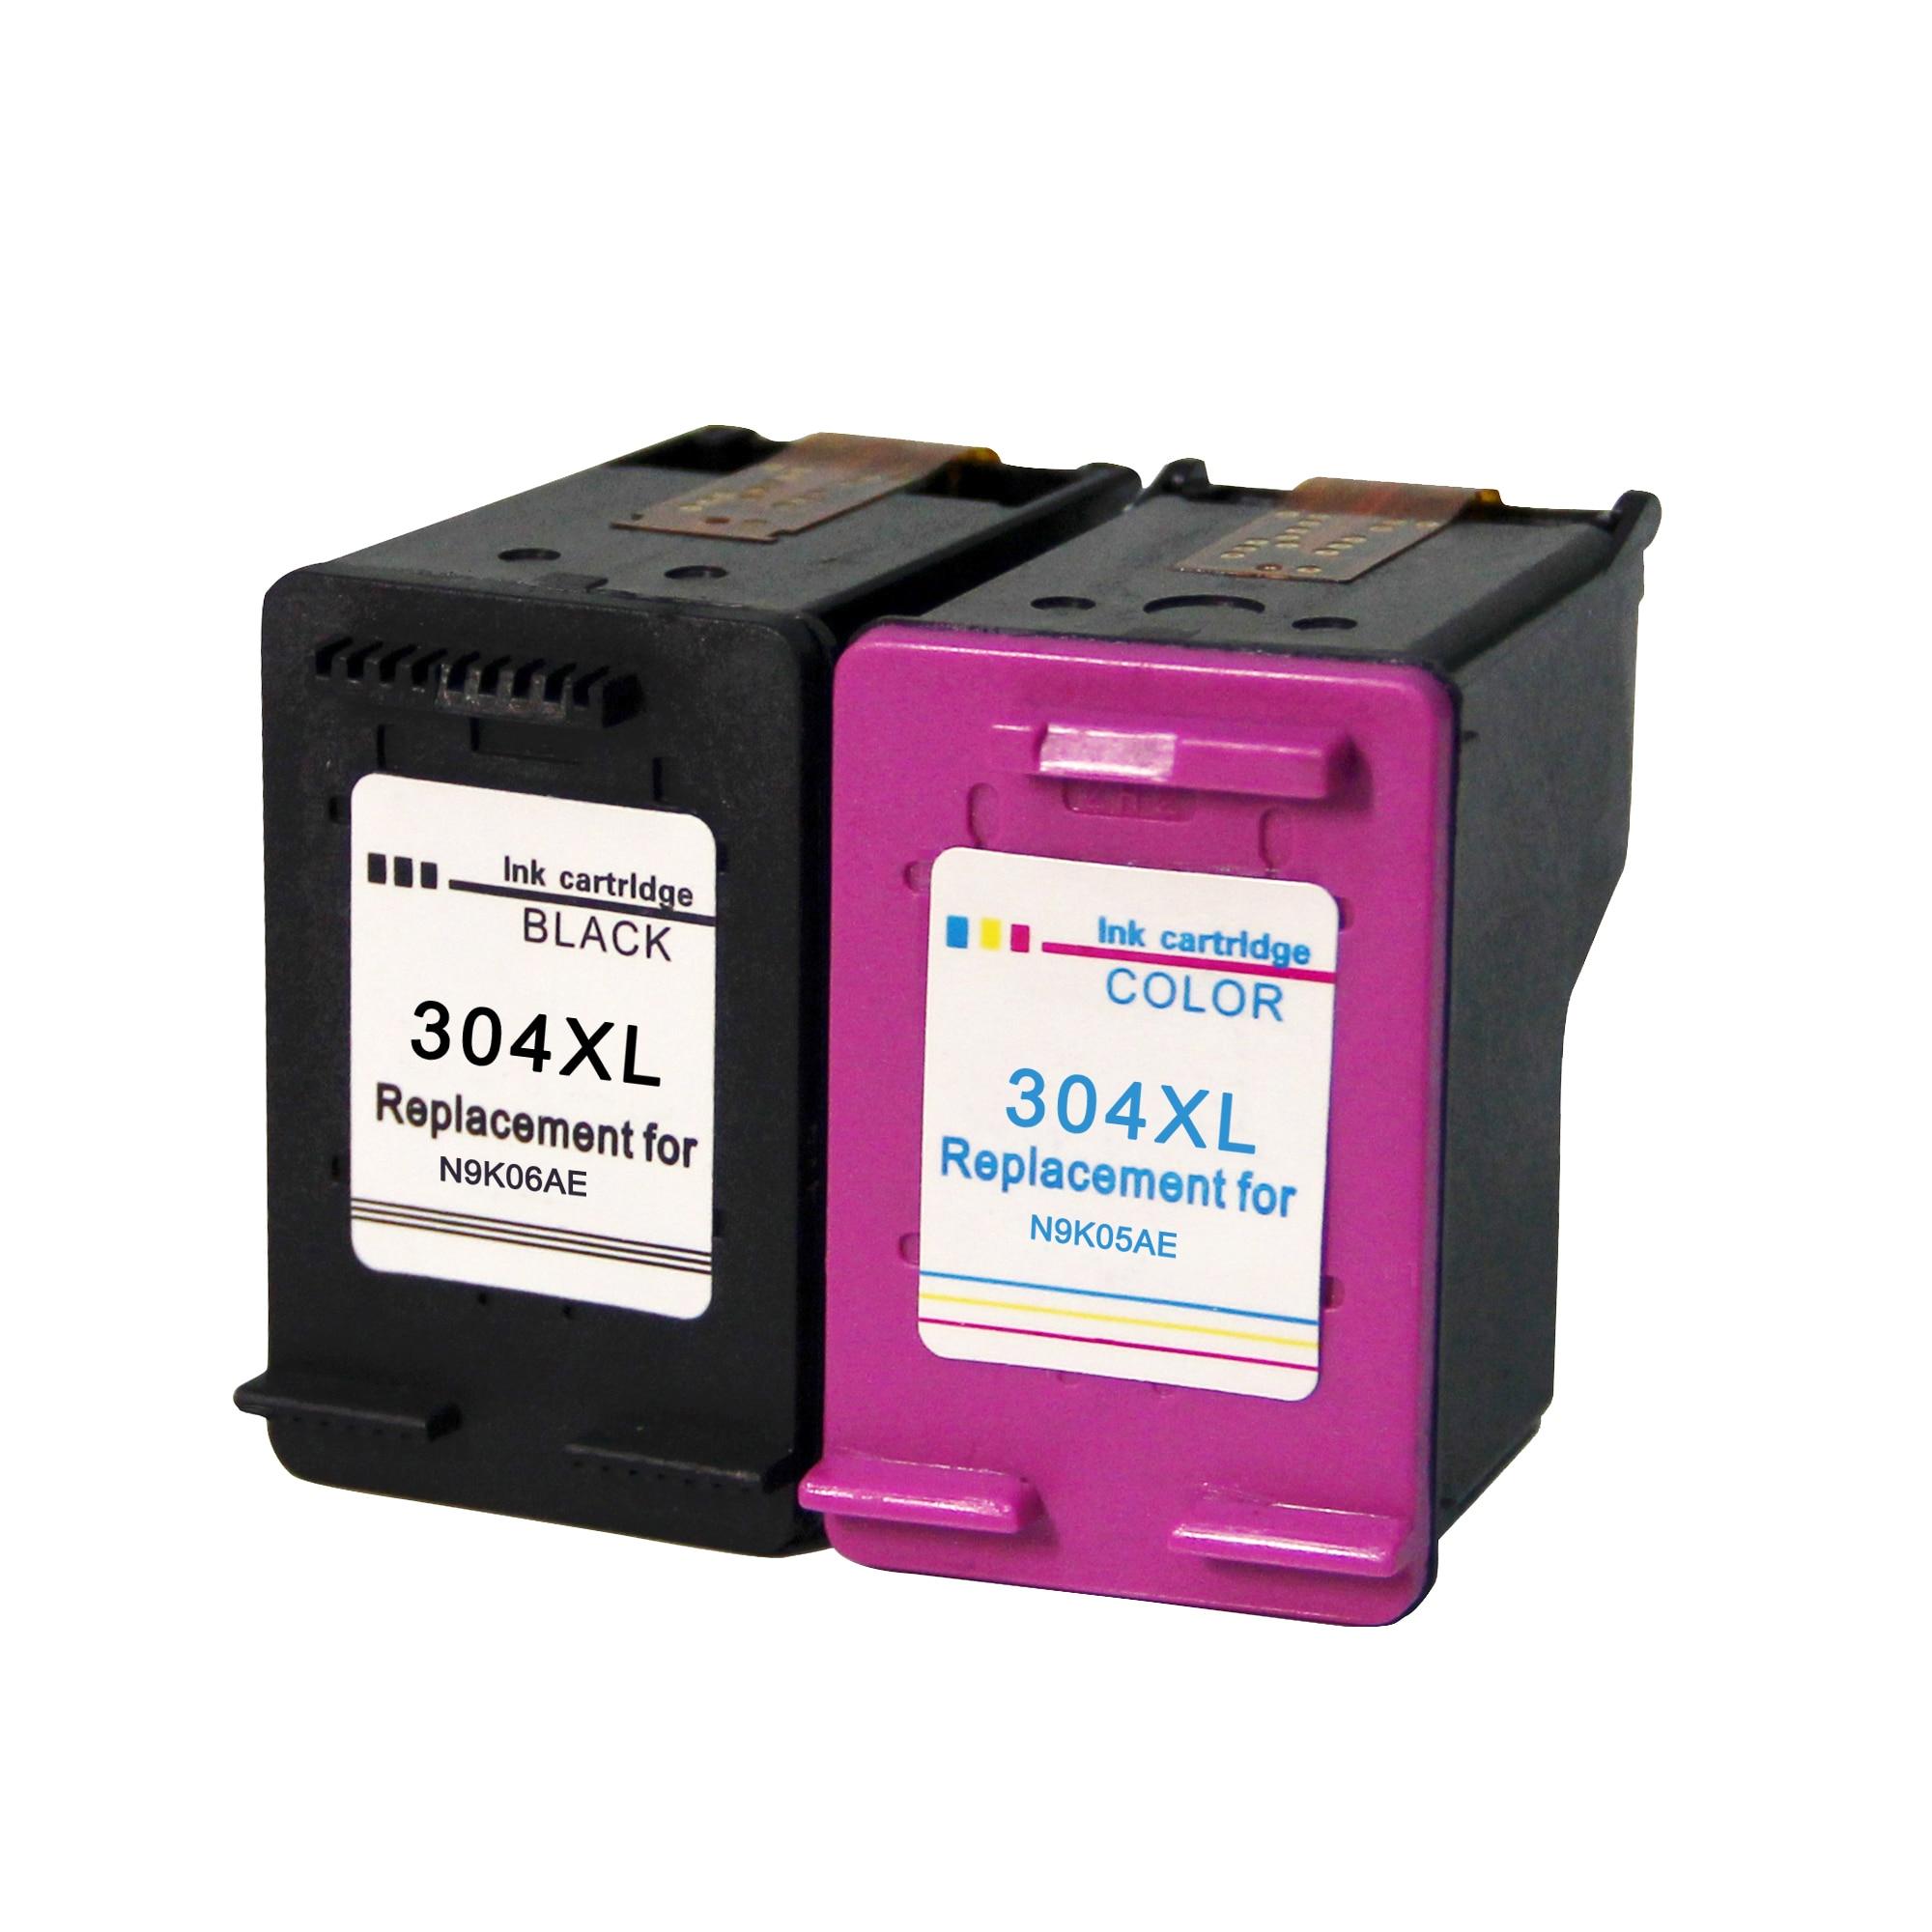 תואם עבור HP 304 מחסנית דיו החלפת HP304 XL עבור HP Deskjet 3720 3730 3732 3733 3735 3750 3755 3760 3762 מדפסת